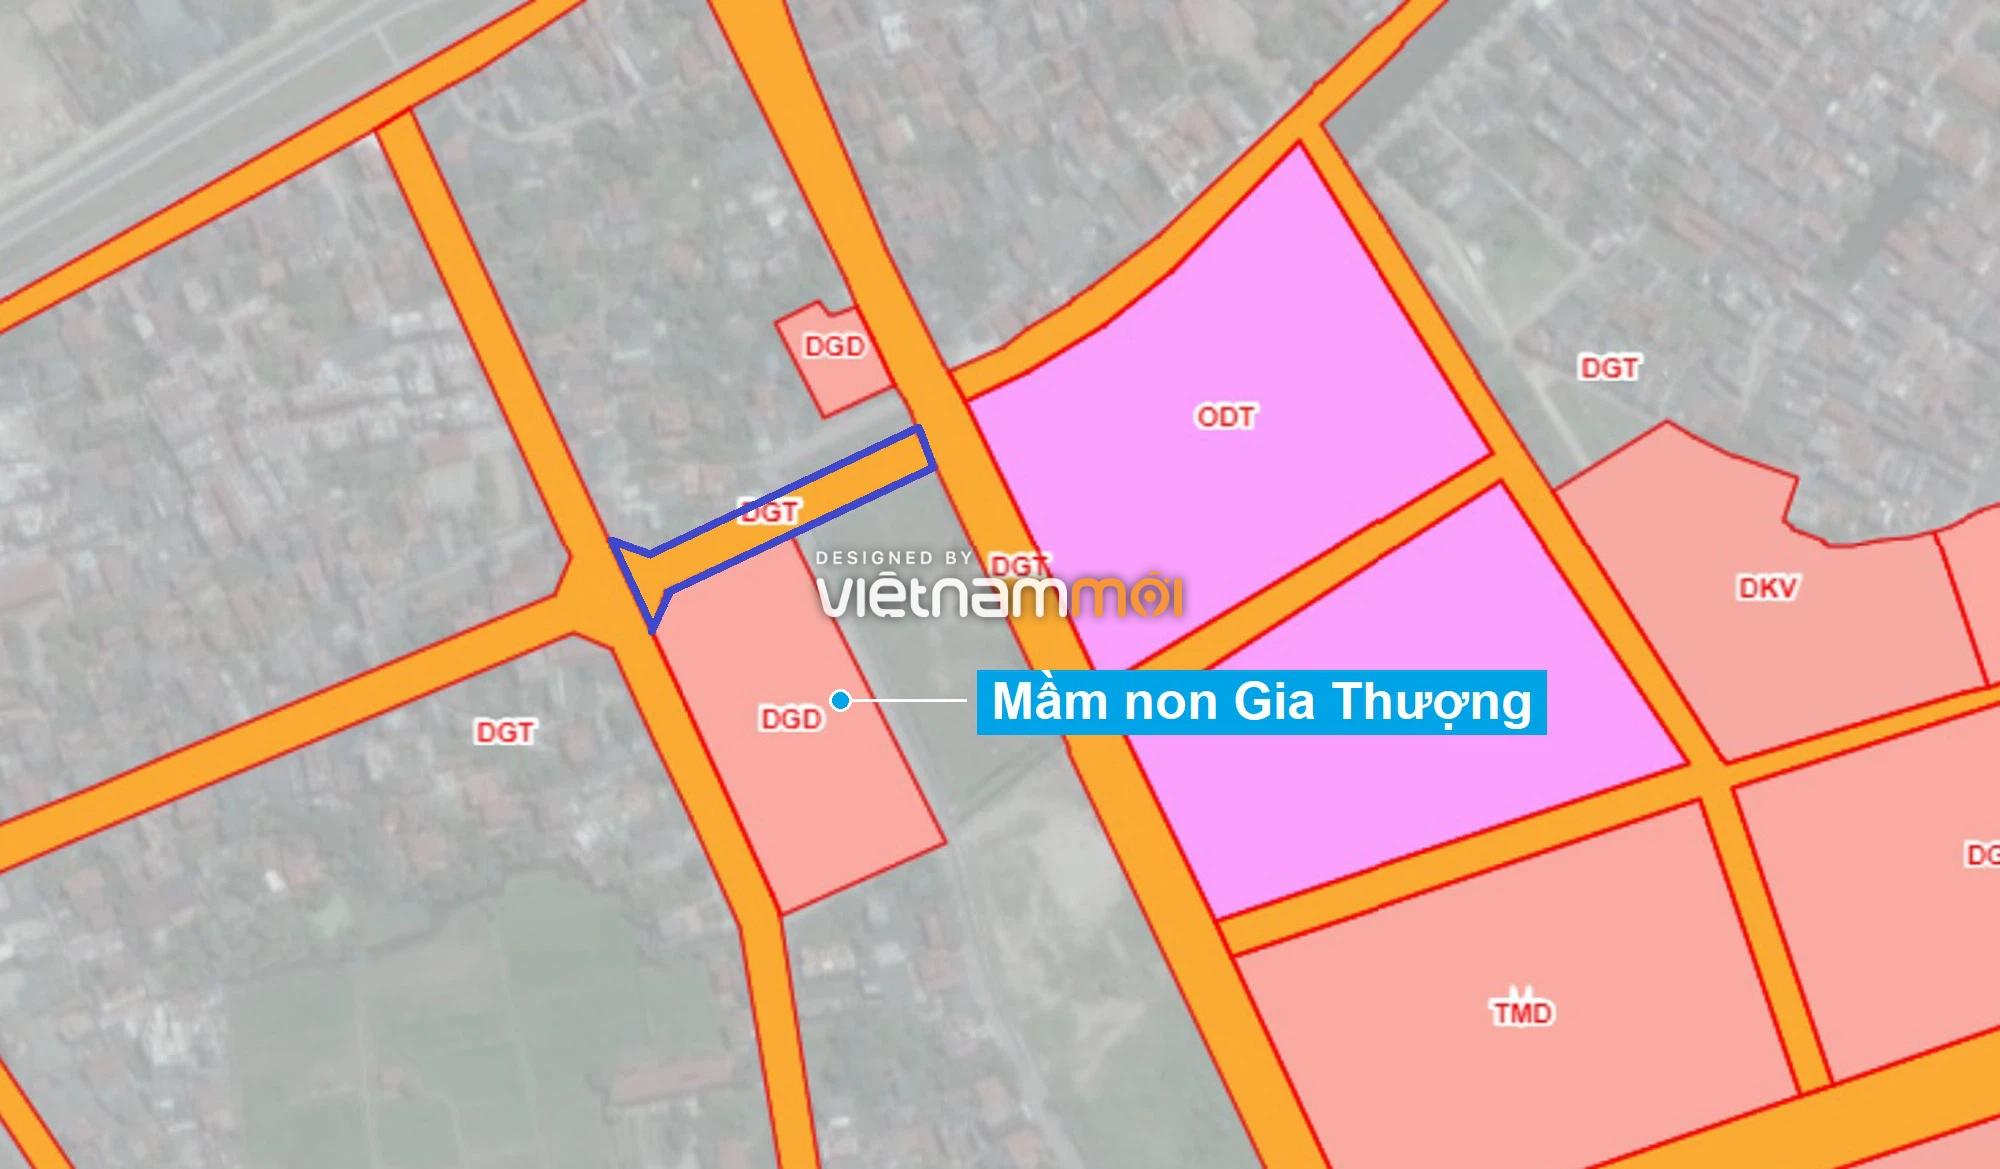 Những khu đất sắp thu hồi để mở đường ở phường Ngọc Thụy, Long Biên, Hà Nội (phần 2) - Ảnh 13.